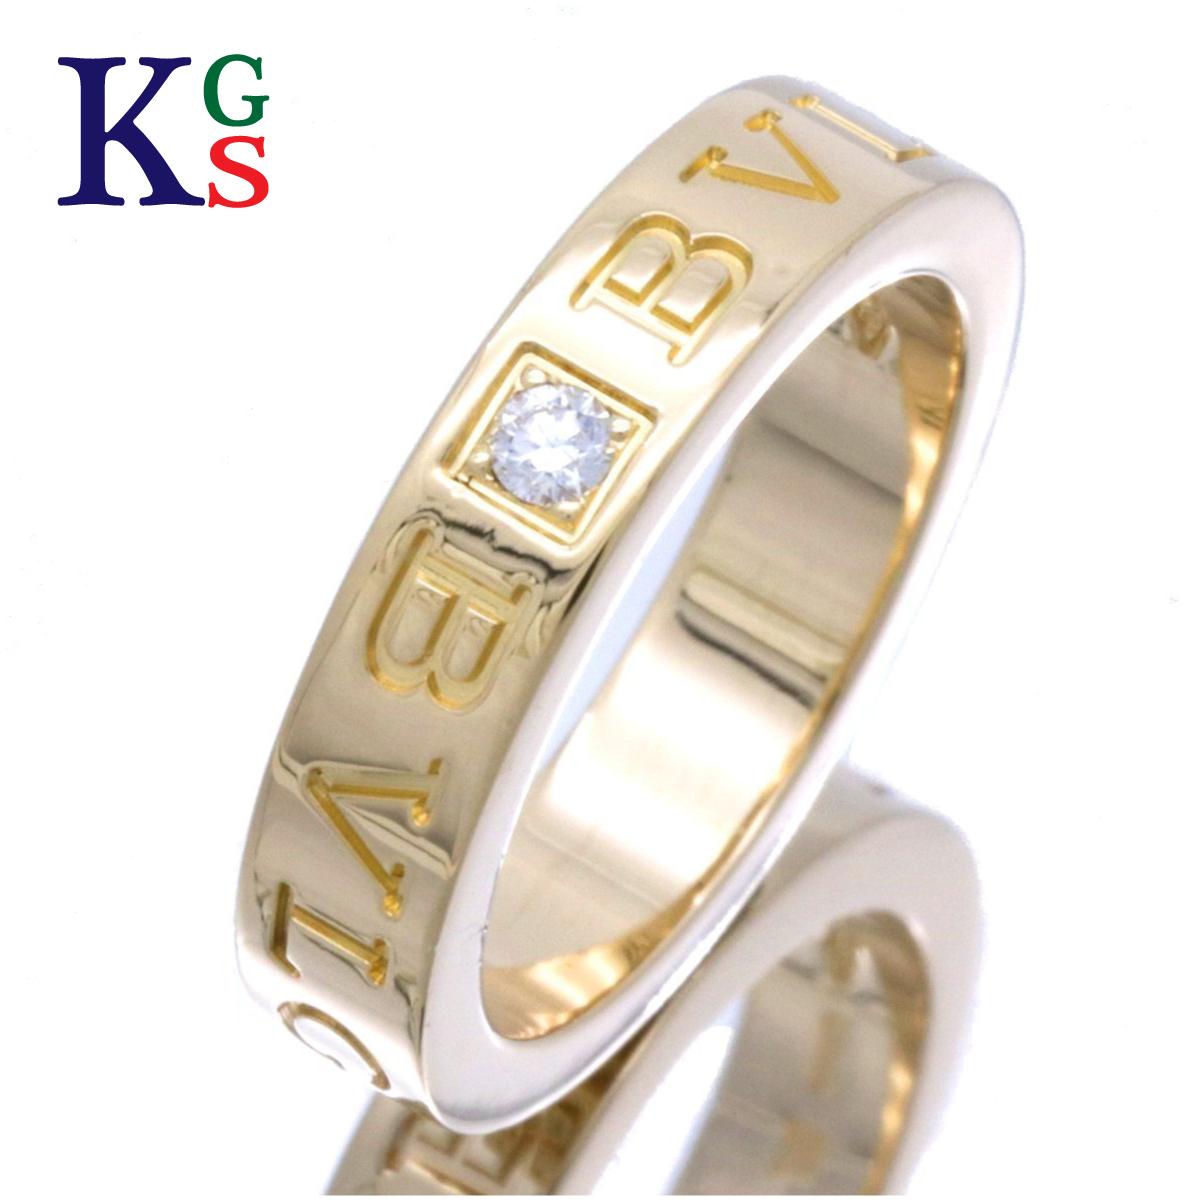 【ギフト品質】【名入れ】ブルガリ/BVLGARI ブルガリブルガリ リング/指輪 レディース メンズ 1Pダイヤモンド イエローゴールド K18YG 1227